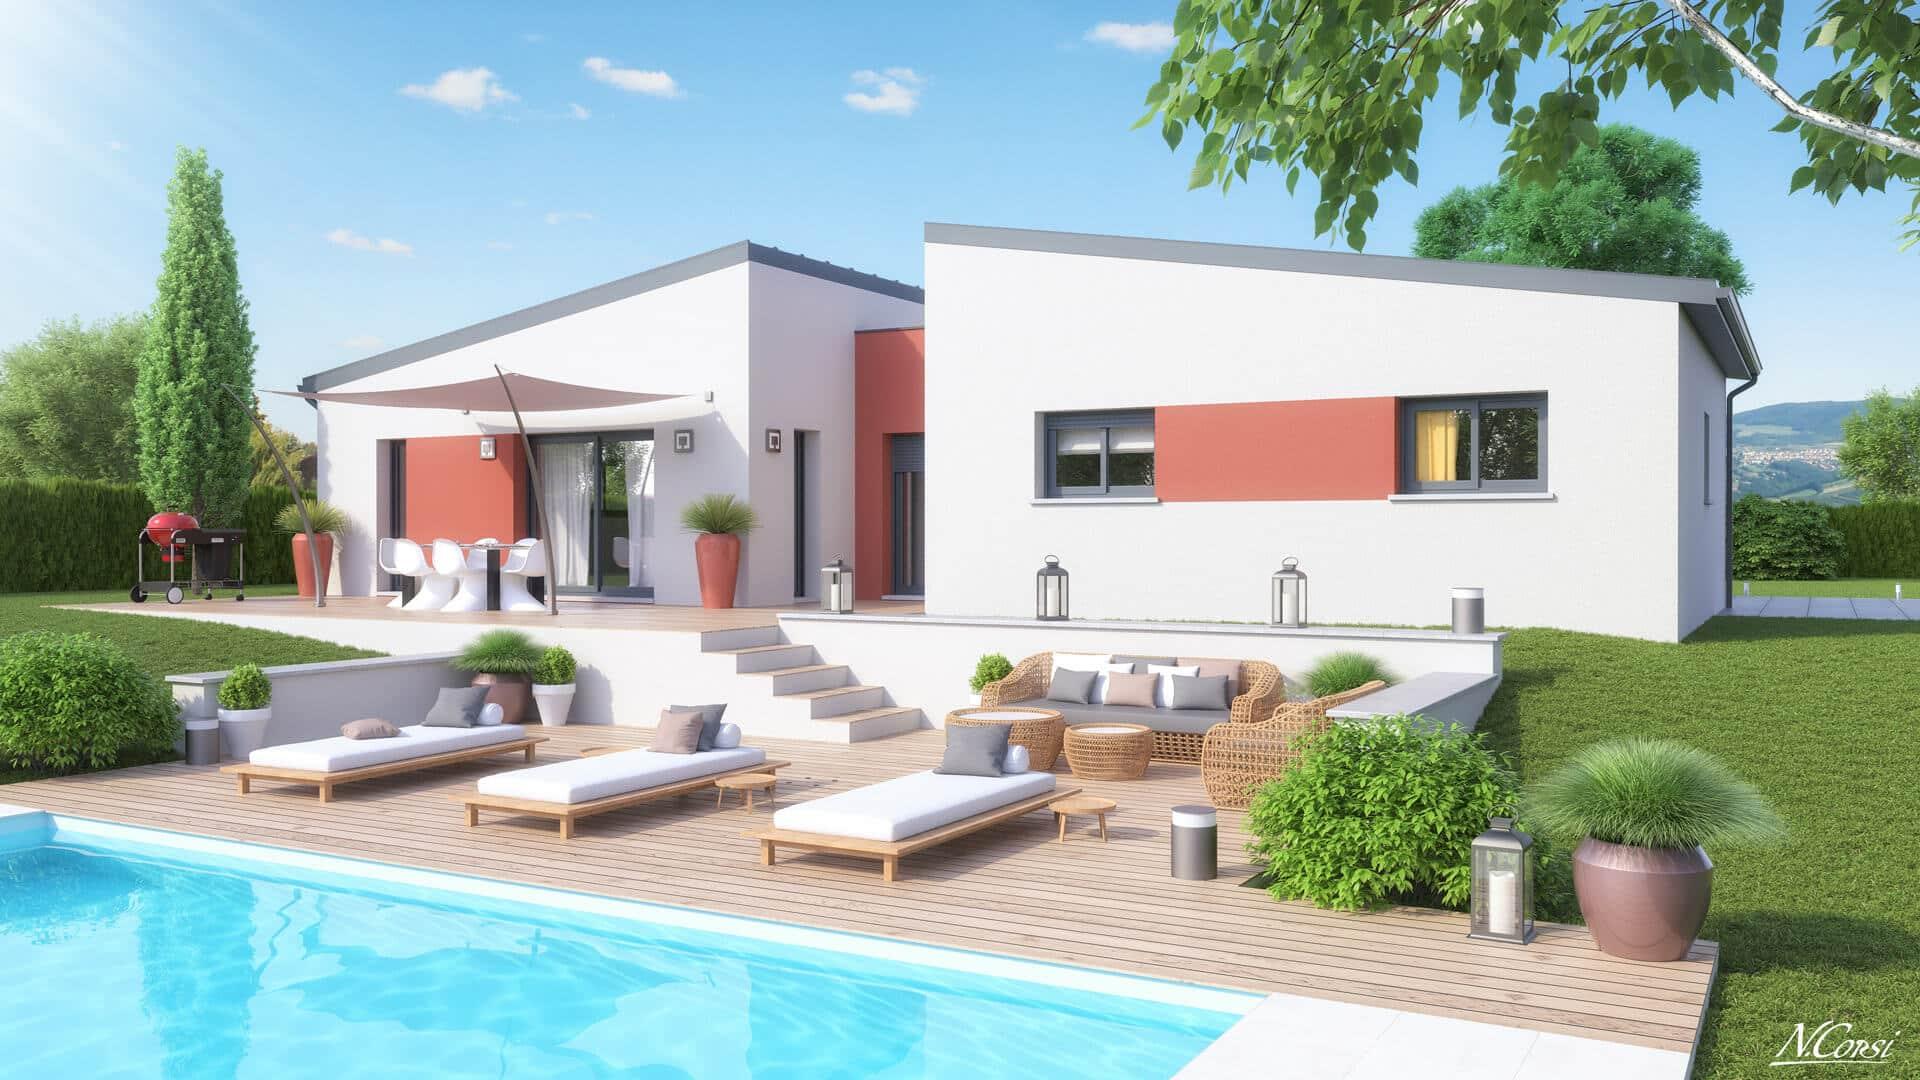 Maison Contemporaine Plan Maison Contemporaine Gratuit Plan 3d